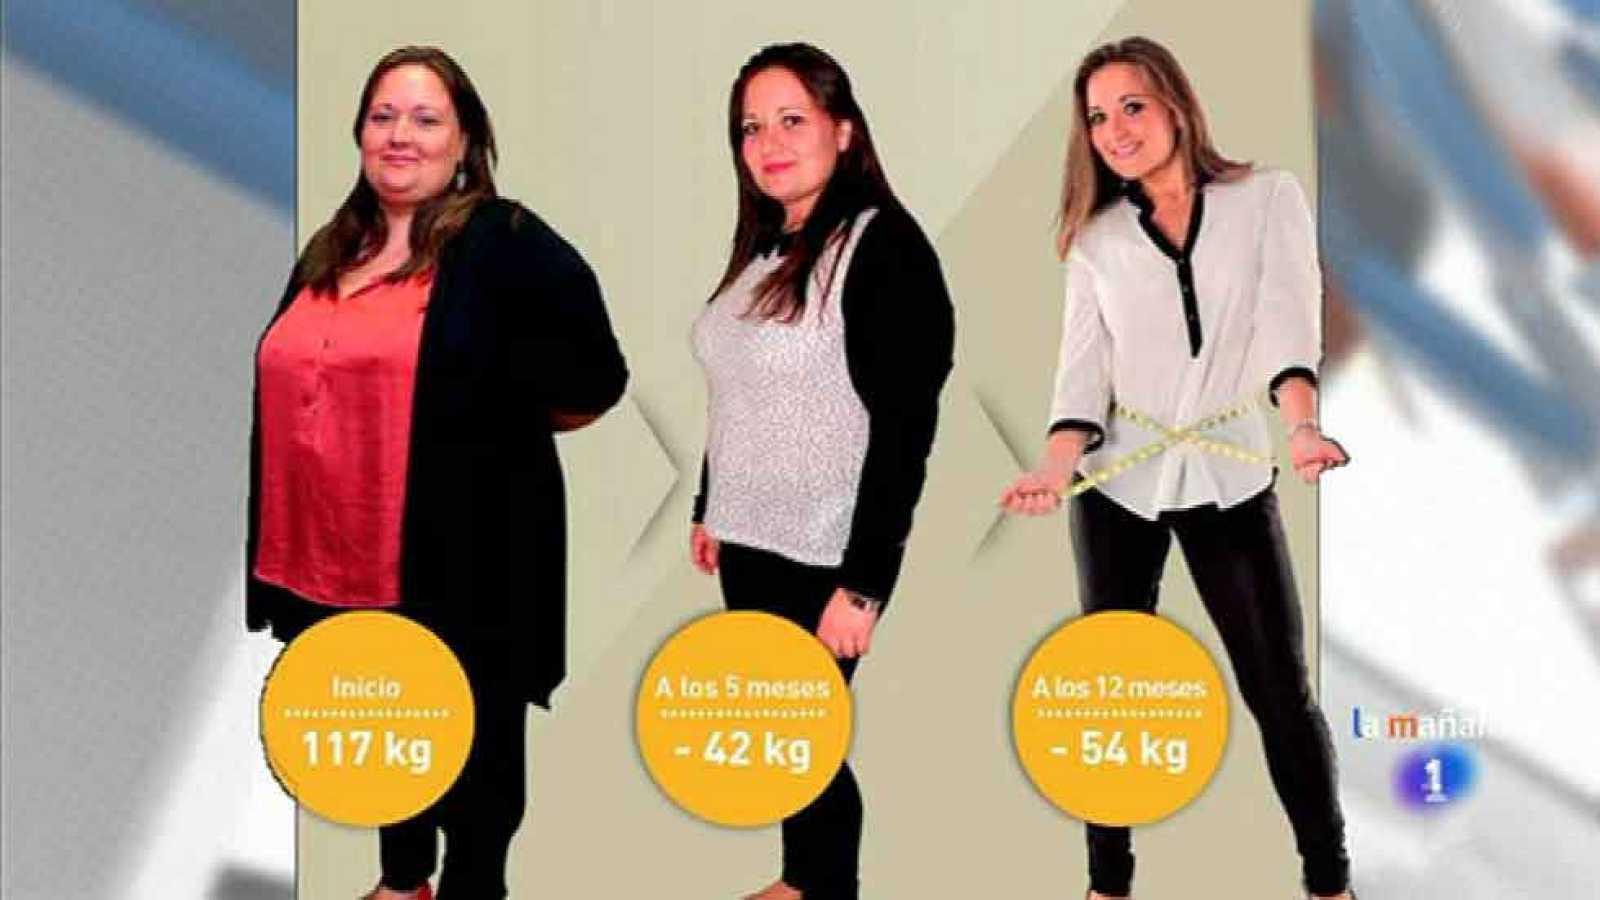 Tatiana: 54 kilos menos en 12 meses